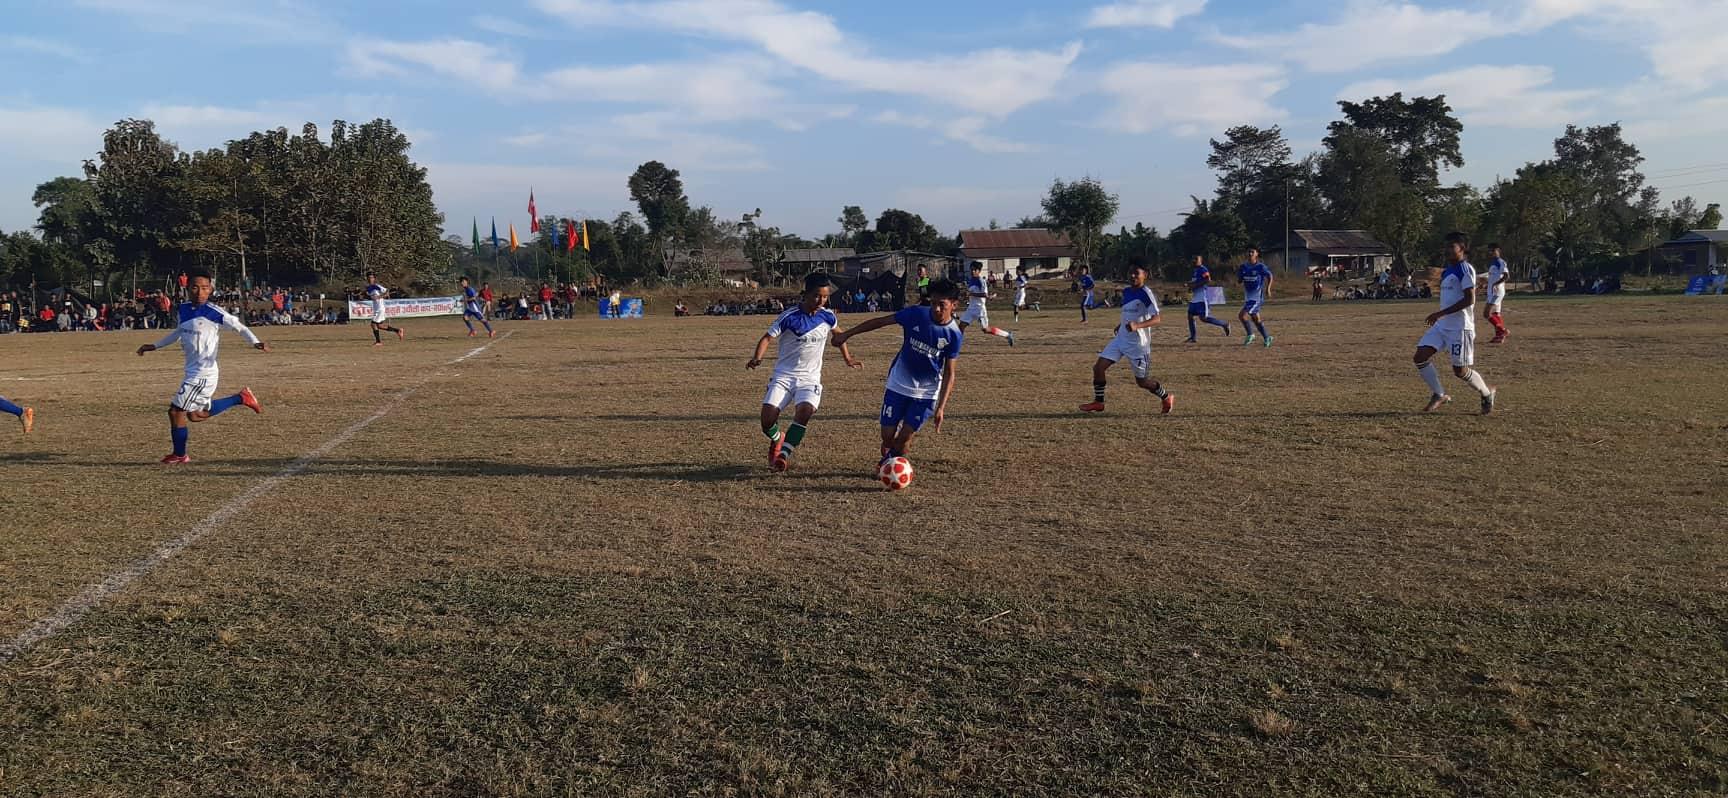 दोस्रो कुसुमे उभौली कपः रोयल फुटबल क्लब दोस्रो चरणमा